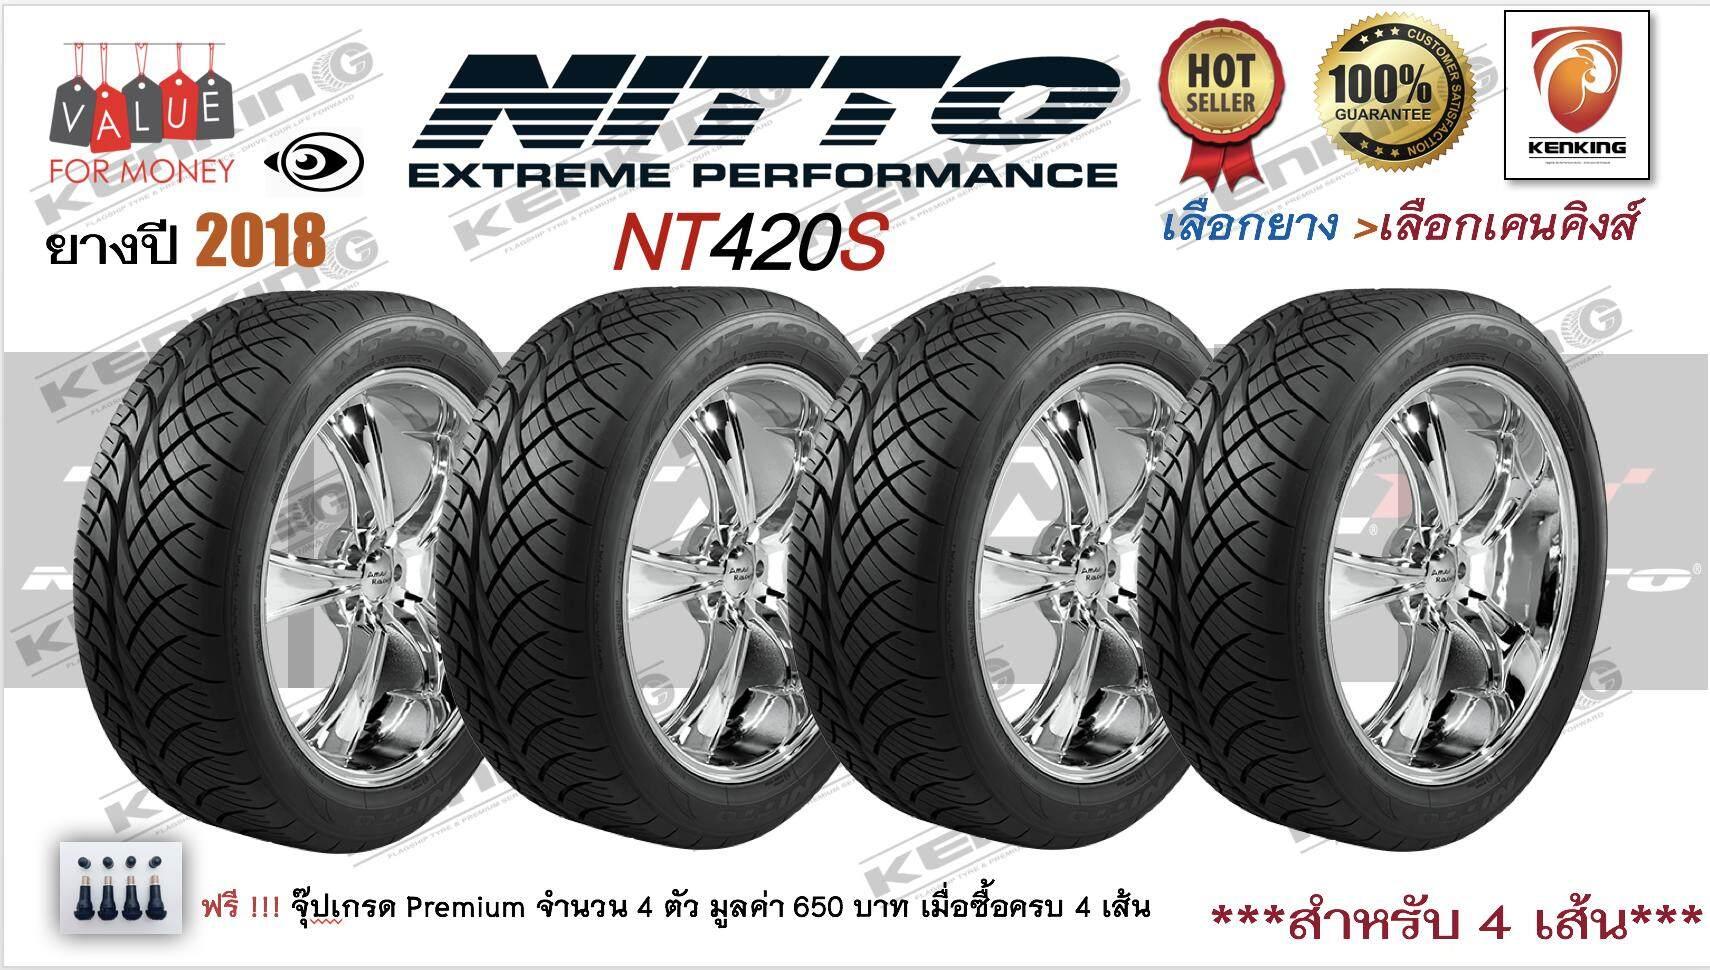 ประกันภัย รถยนต์ 3 พลัส ราคา ถูก สงขลา ยางรถยนต์ขอบ18 Nitto 265/60 R18 รุ่น 420S ( 4 เส้น) FREE !! จุ๊ป PREMIUM BY KENKING POWER 650 บาท MADE IN JAPAN แท้ (ลิขสิทธิแท้รายเดียว)